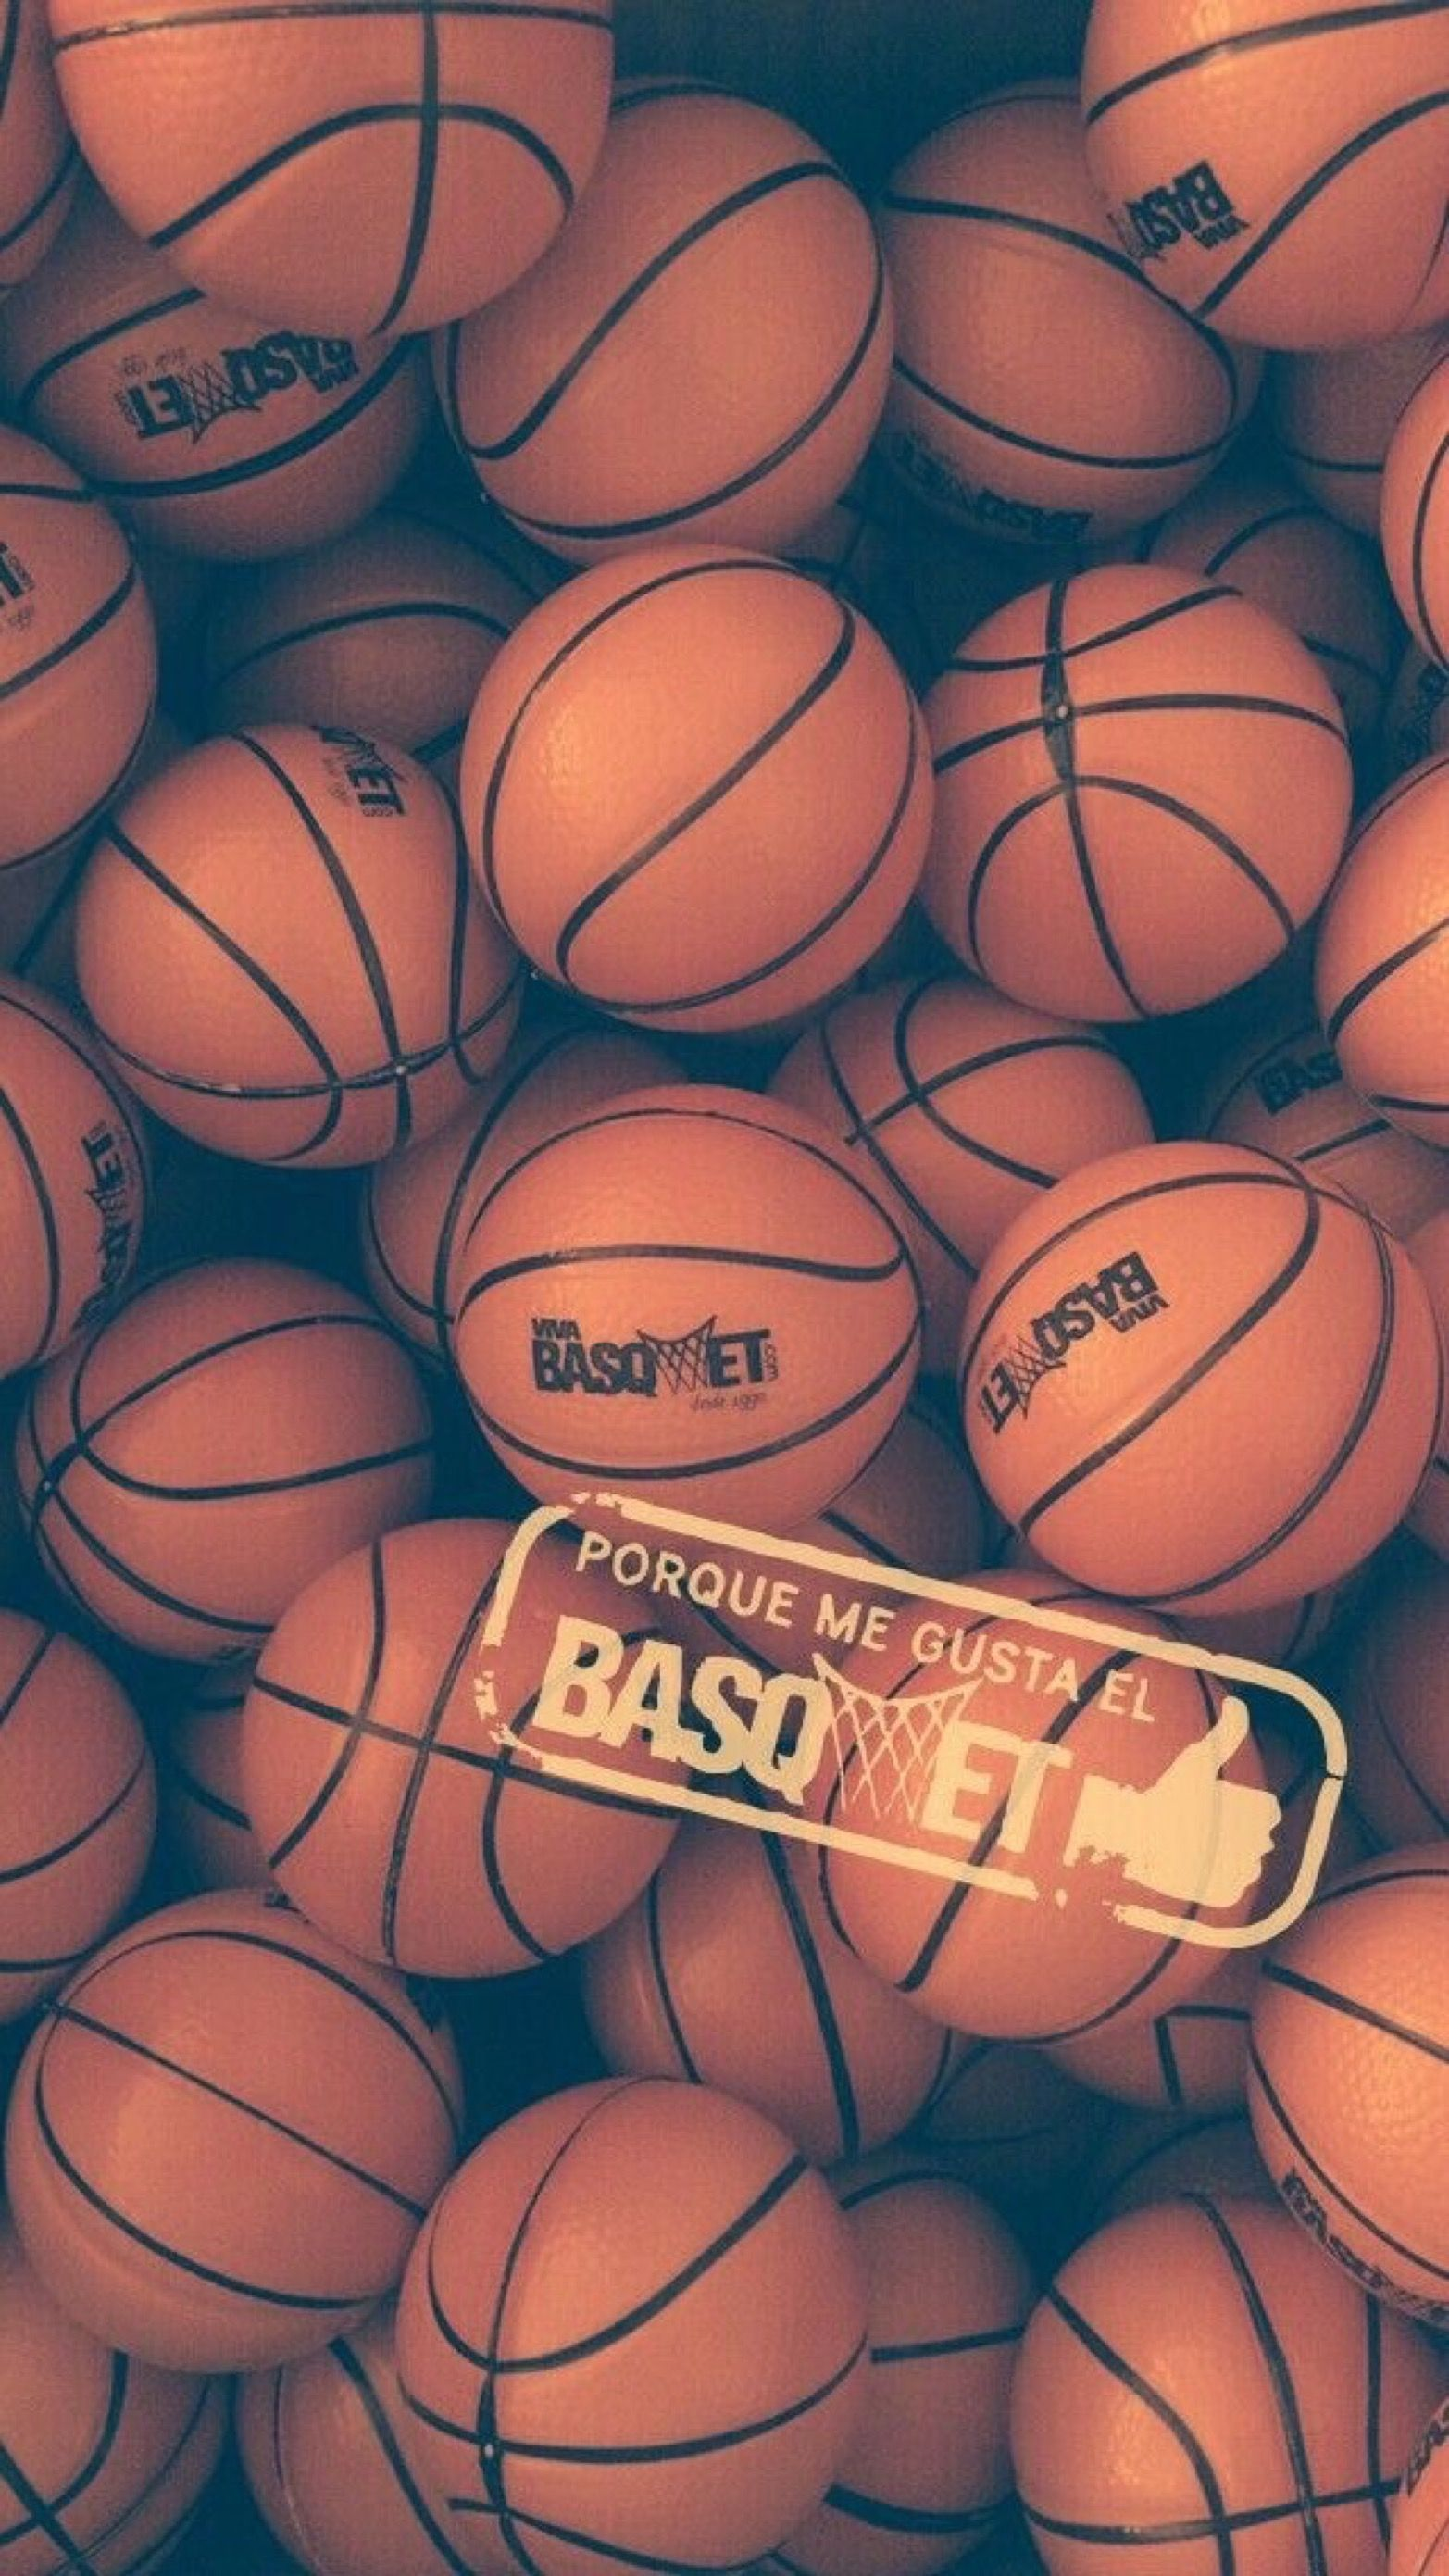 Basketball Wallpaper Earl Blog In 2020 Basketball Wallpaper Basketball Photography Cool Basketball Wallpapers